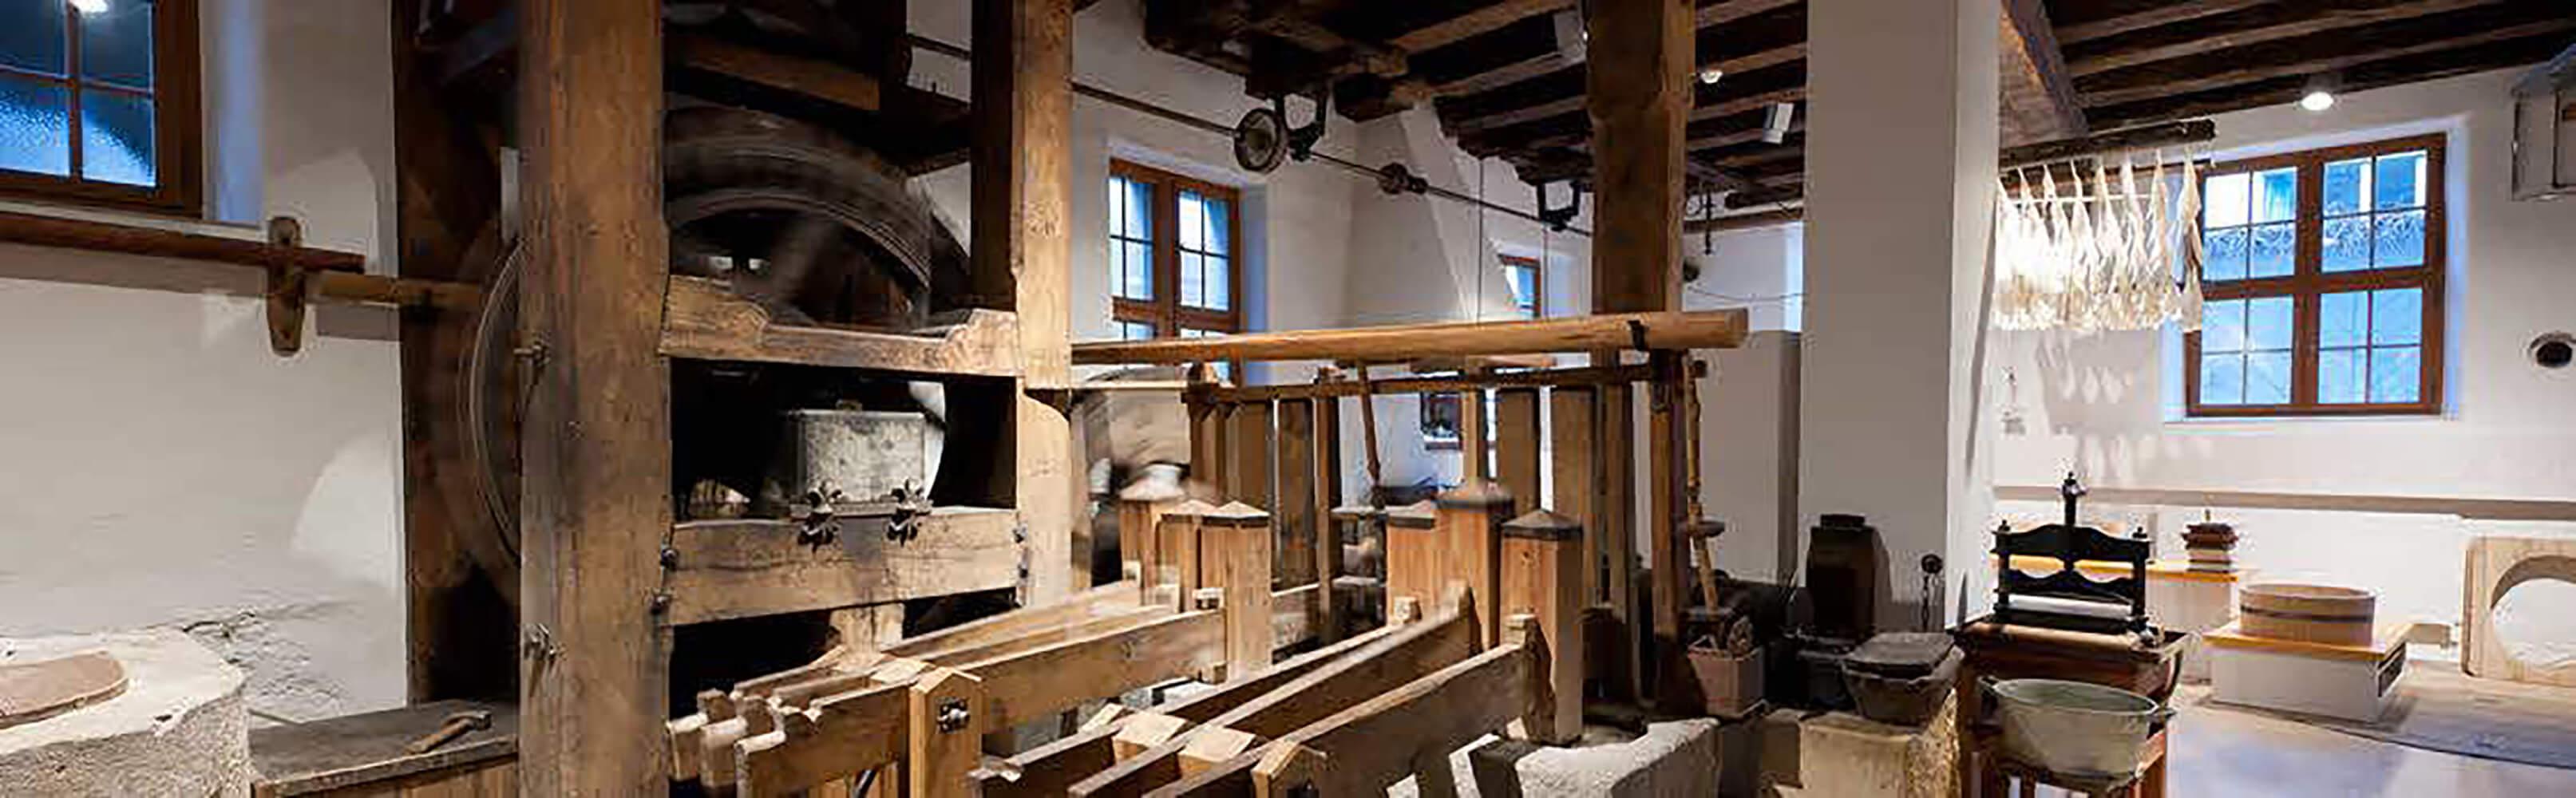 Basler Papiermühle - Mitmachen und Anfassen 1